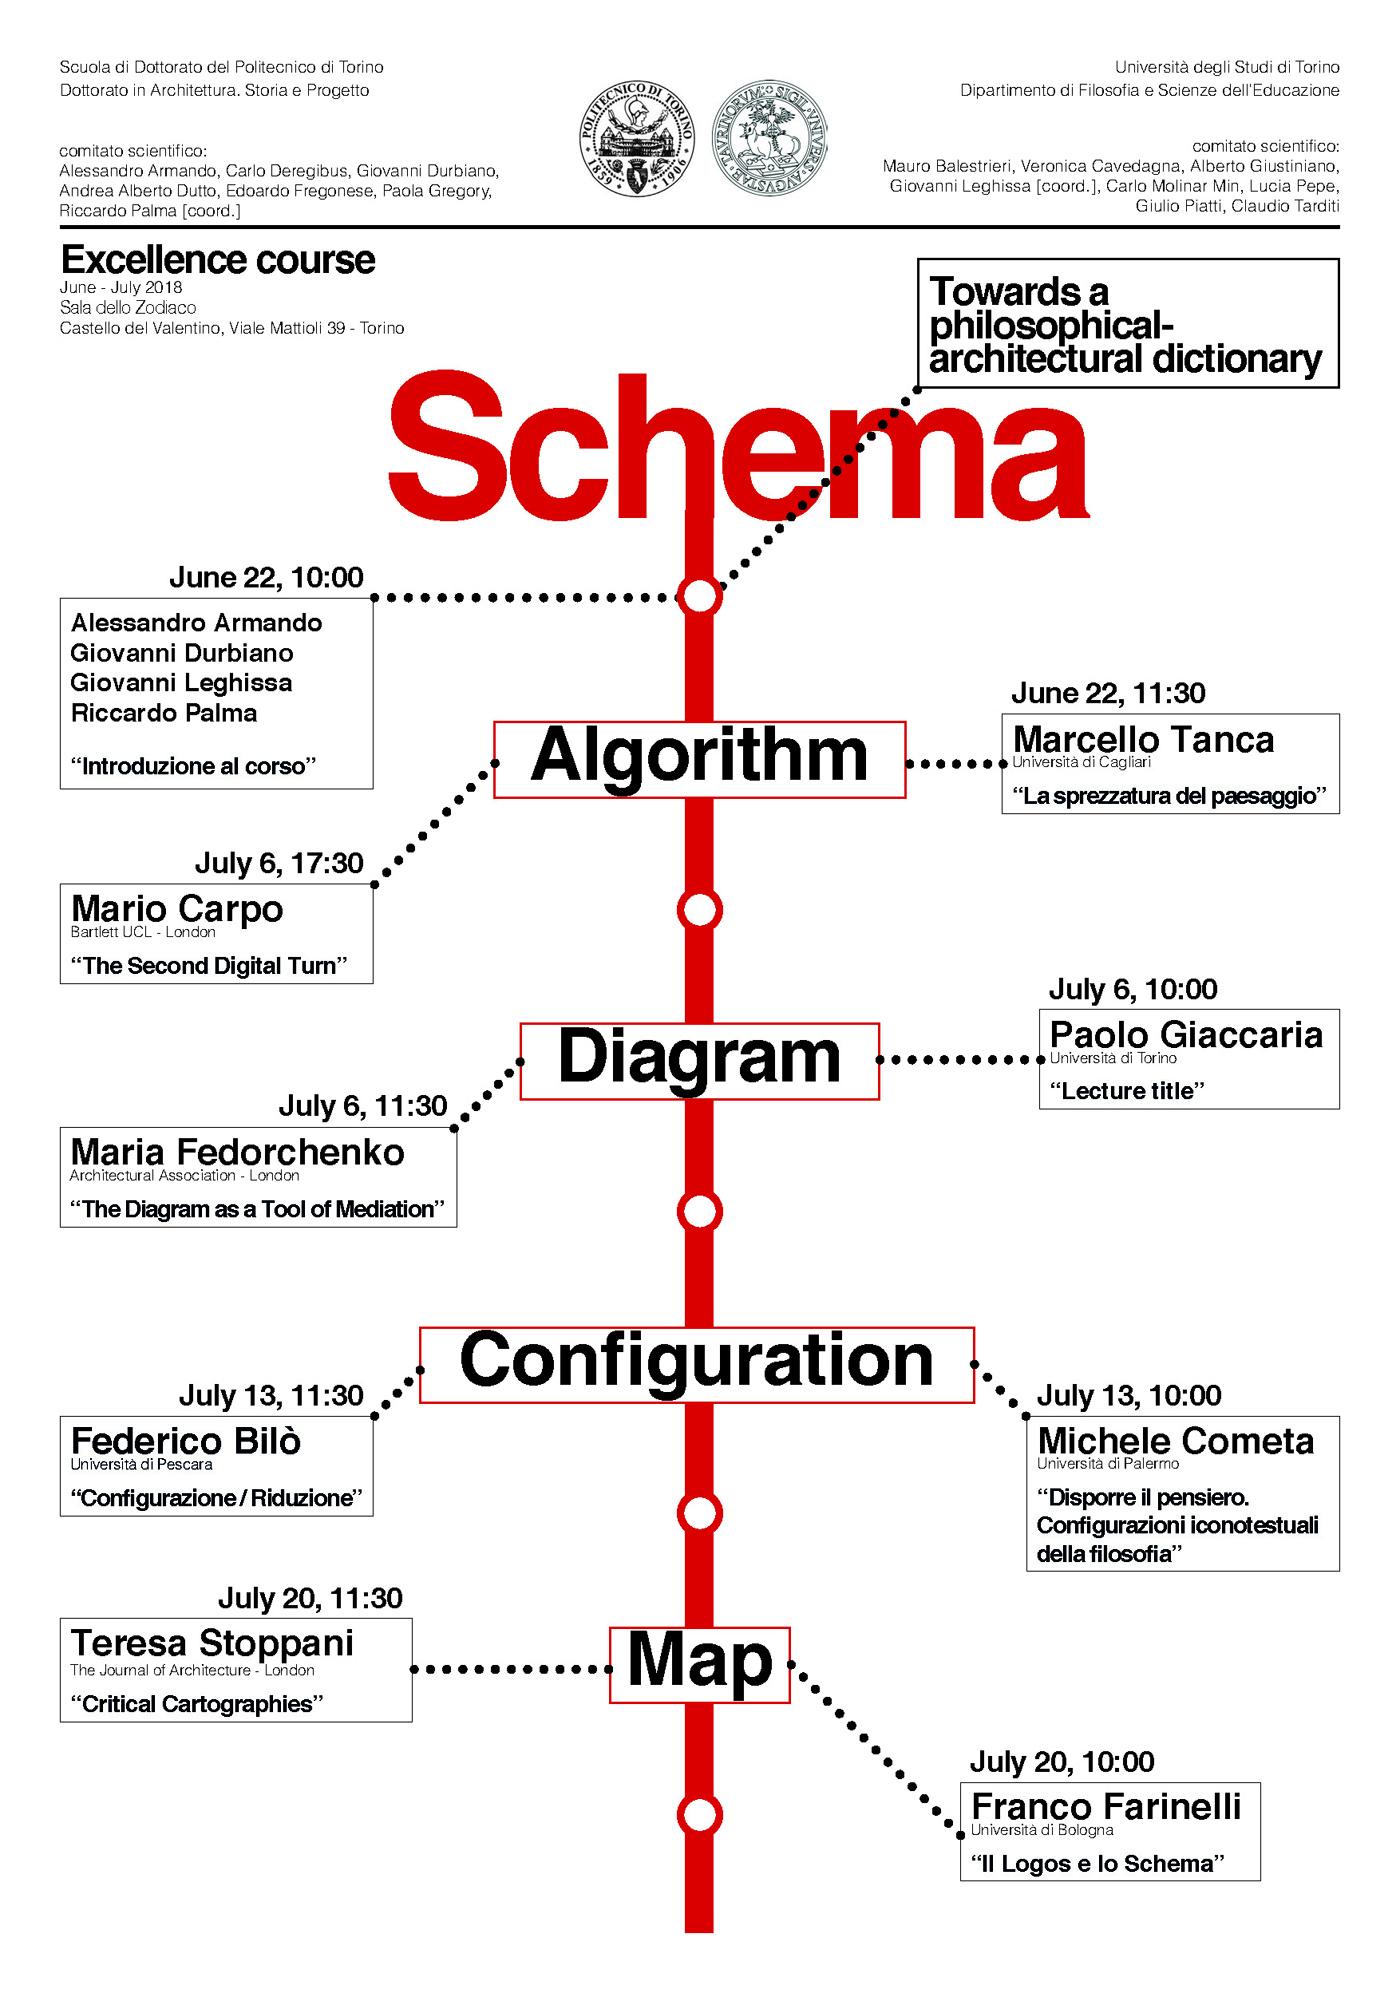 """Carlo Deregibus è nel comitato scientifico di """"SCHEMA. Towards a philosophical-architectural dictionary"""", una nuova serie di incontri tra filosofi e architetti"""